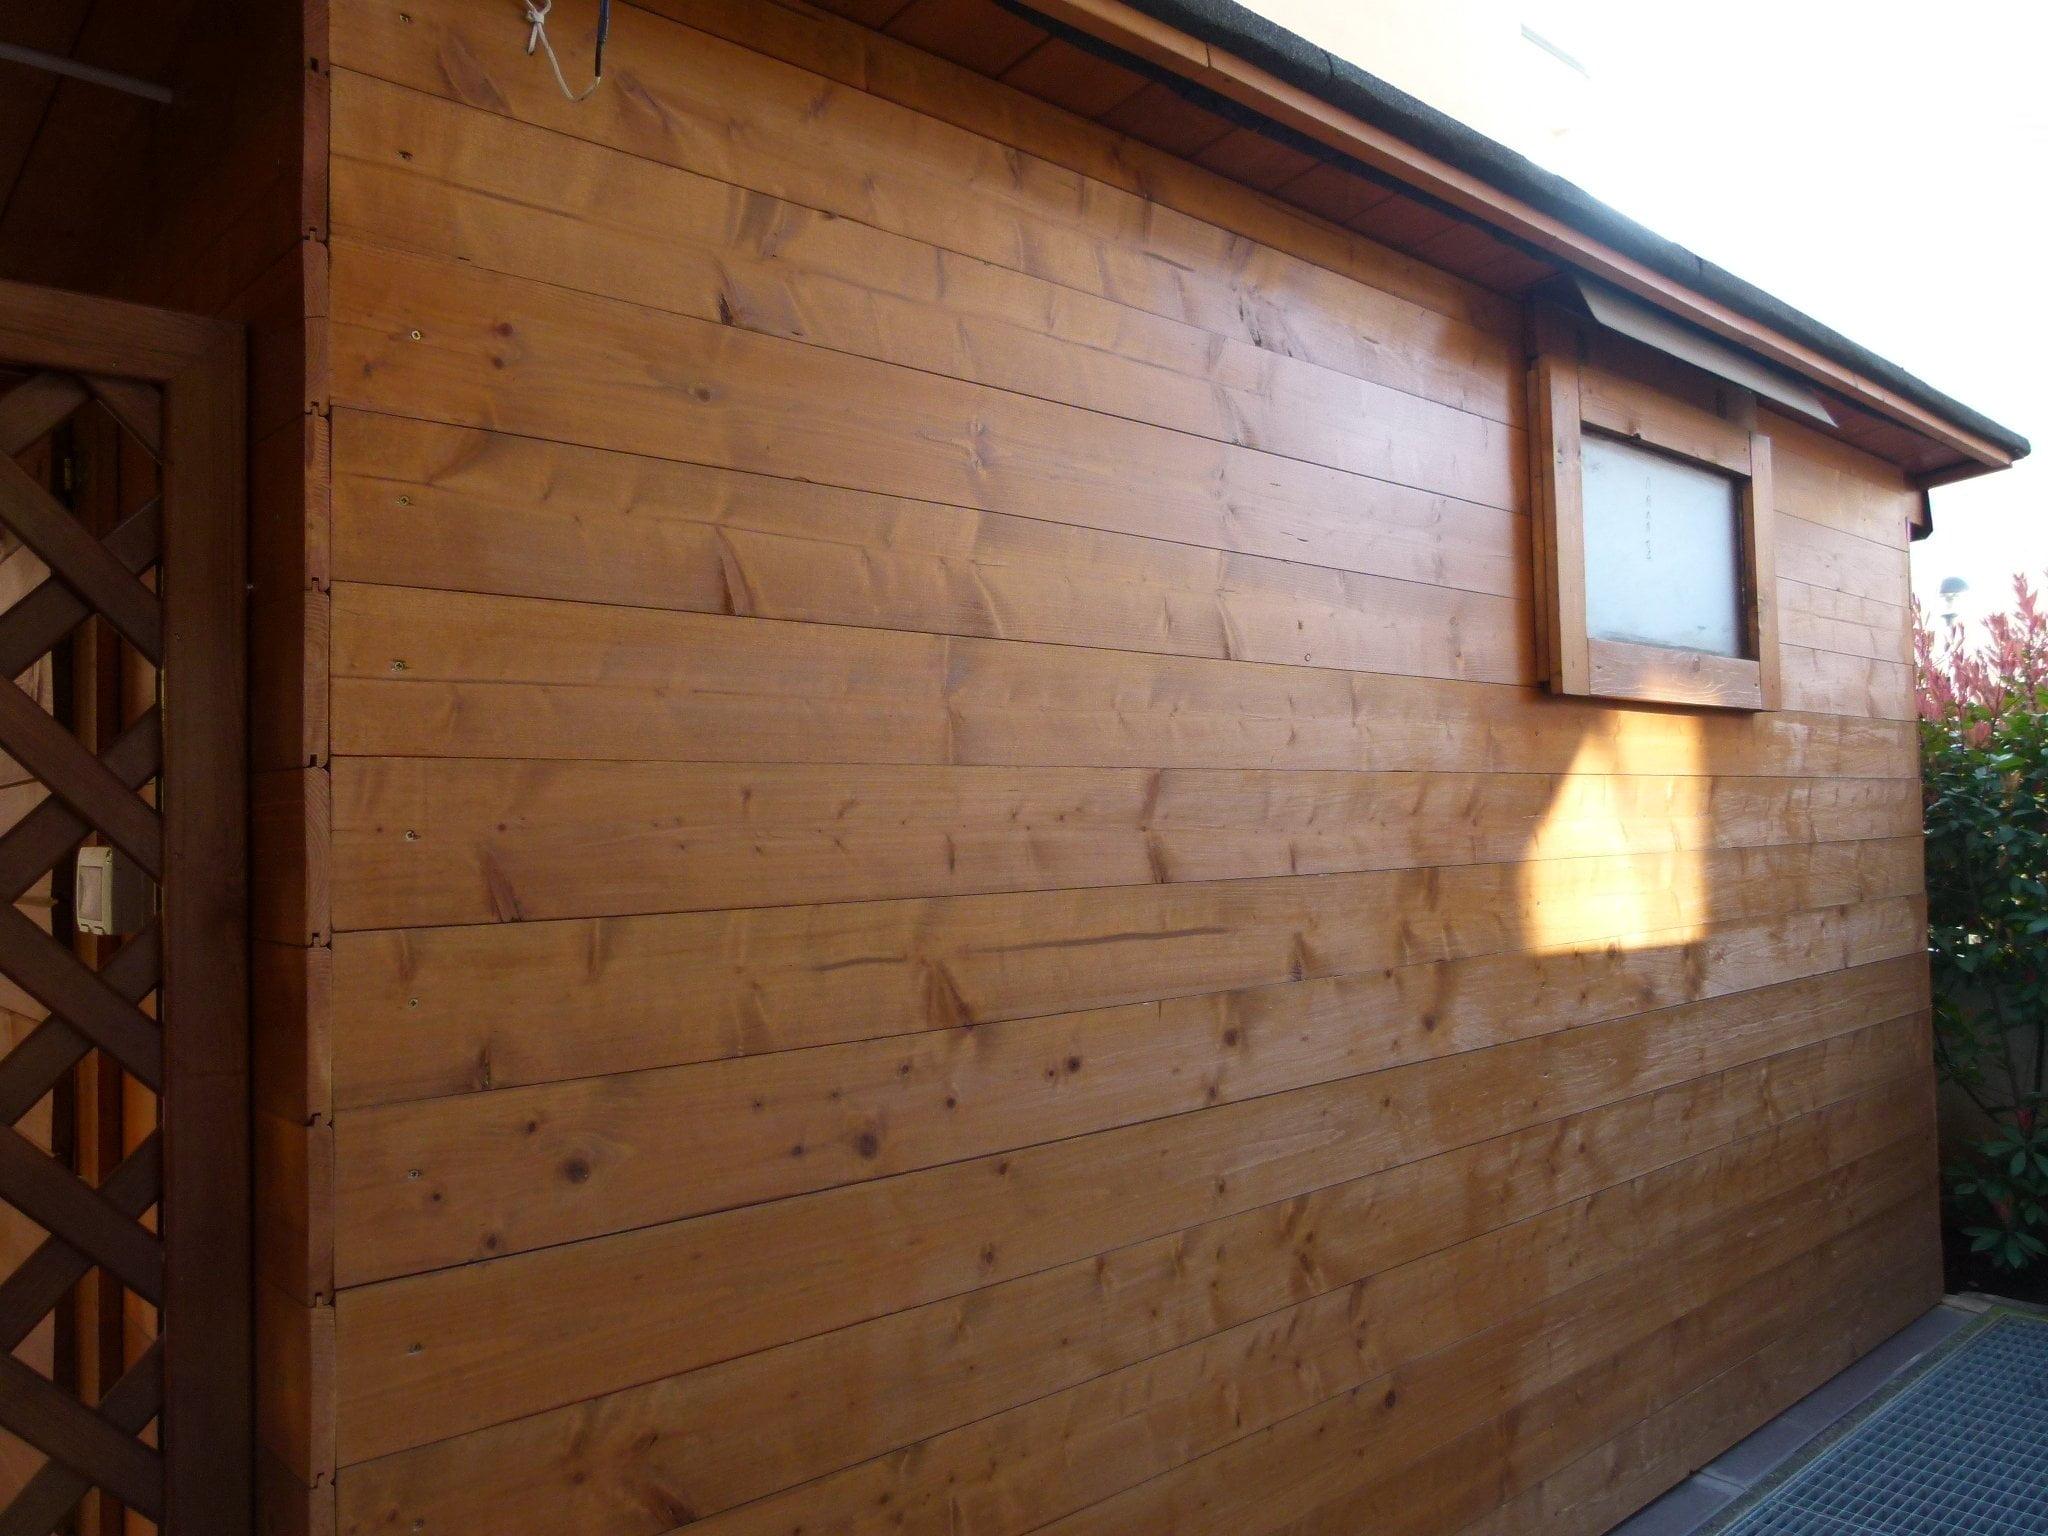 Perline abete impregnato parete esterna vilalsanta monza e brianza cereda legnami agrate - Rivestire parete con legno ...